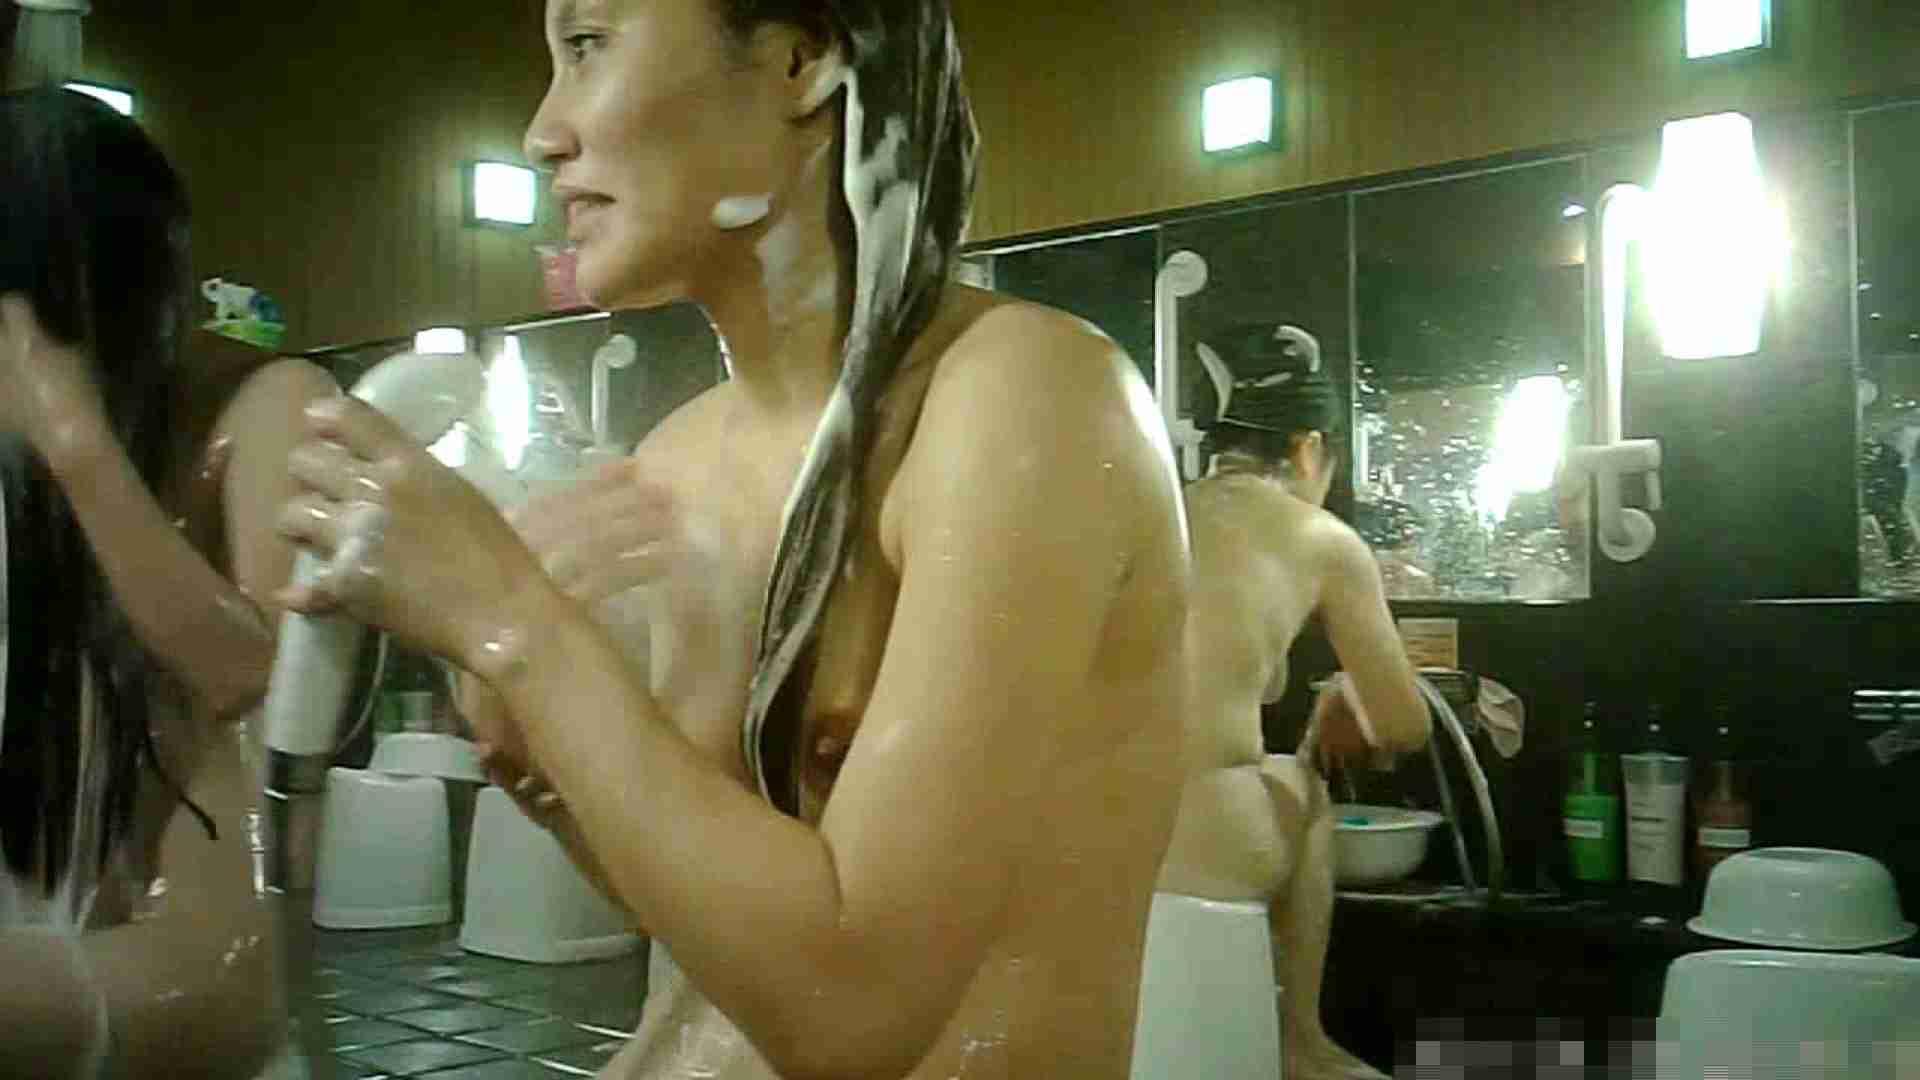 手を染めてしまった女性盗撮師の女風呂潜入記 vol.003 高画質 盗撮えろ無修正画像 61画像 19